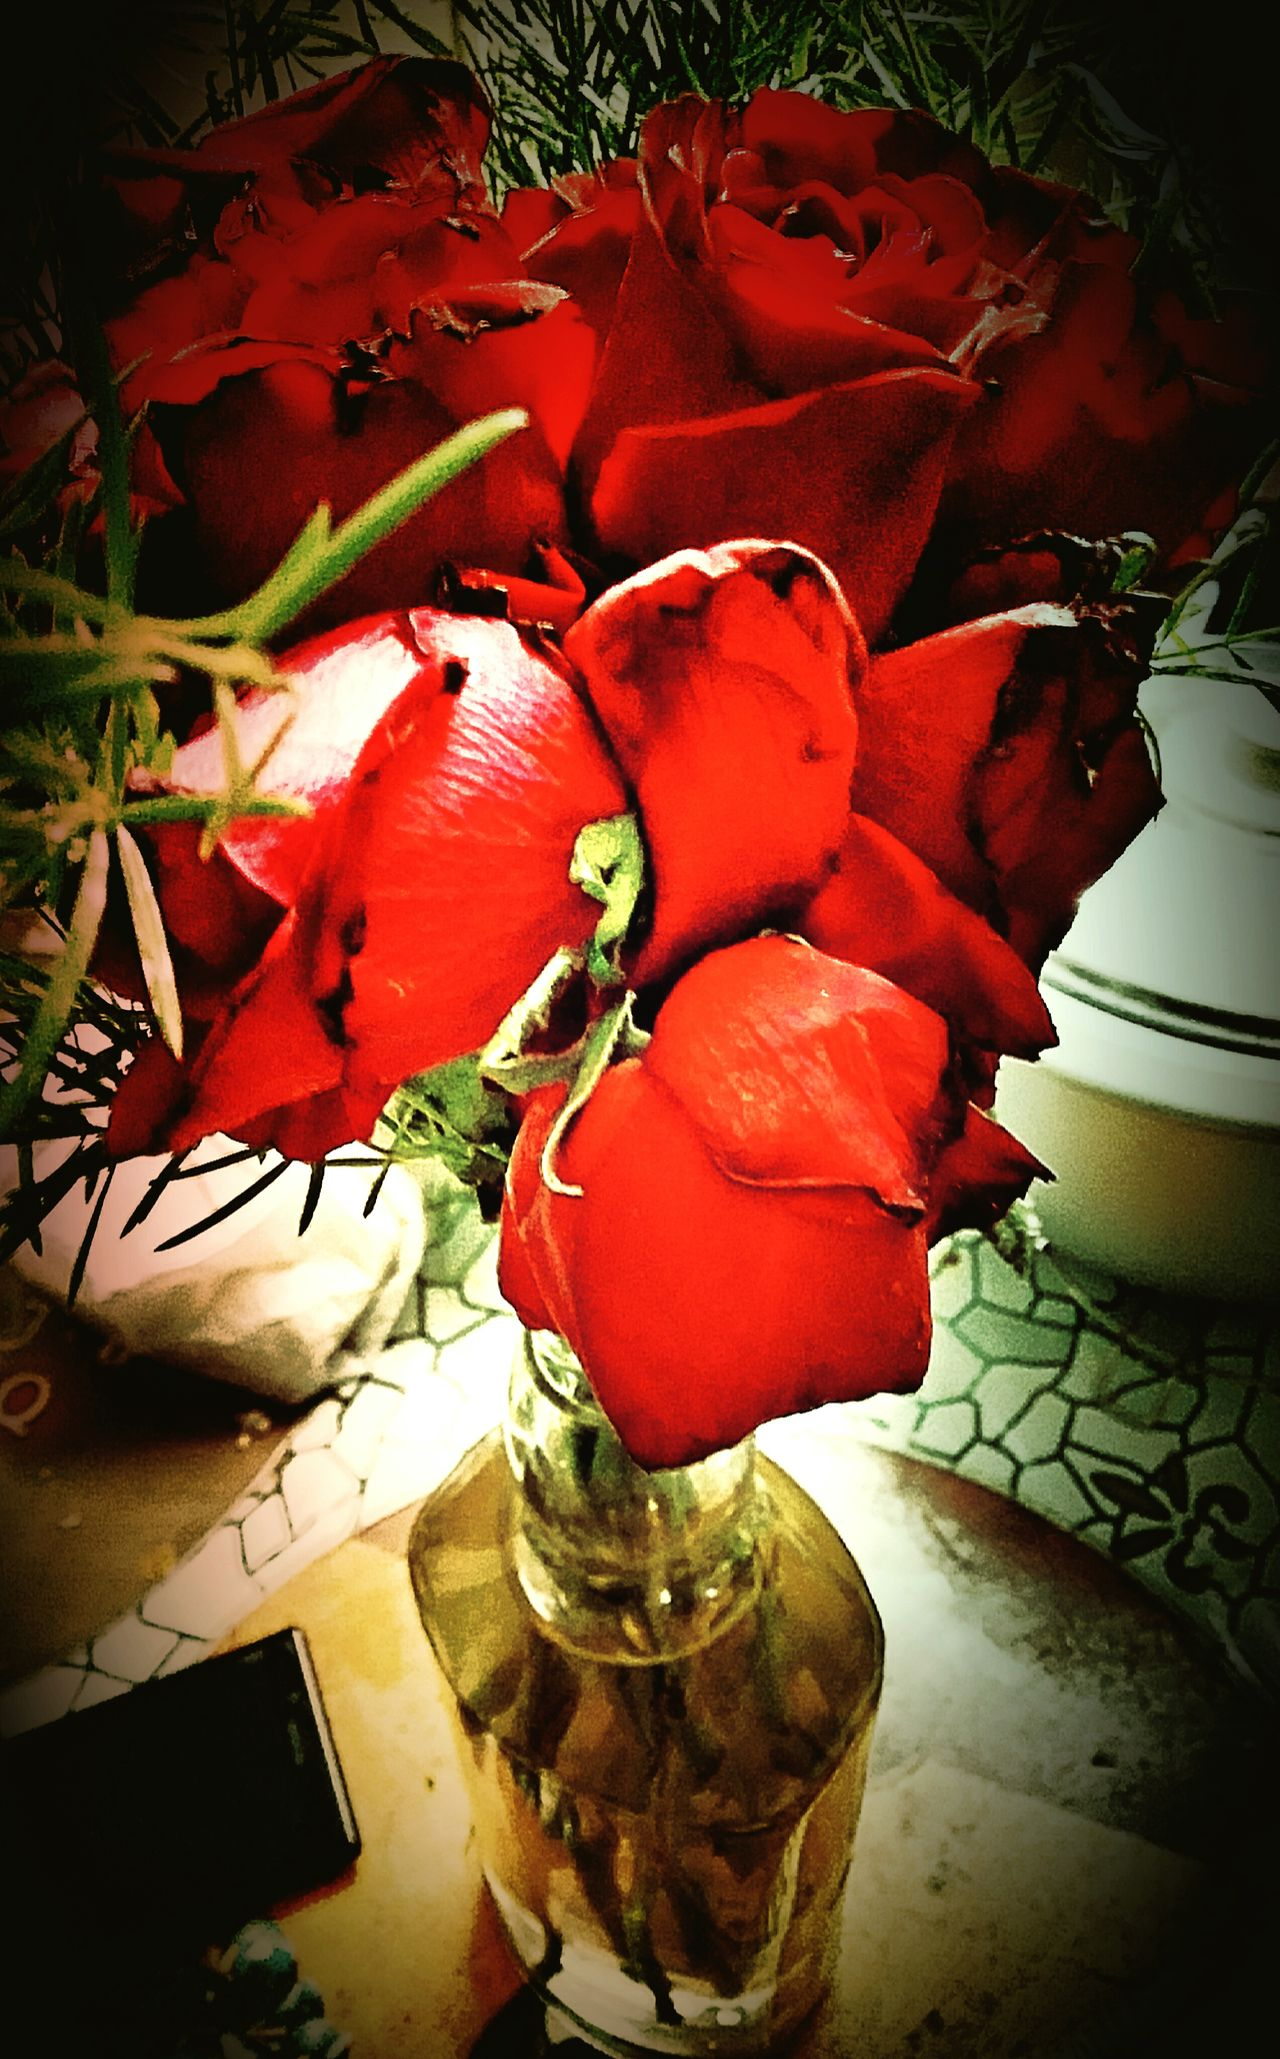 Flowers Red Roses Red Roses Flowers Kept In Bottle Valentine Gift February Showcase